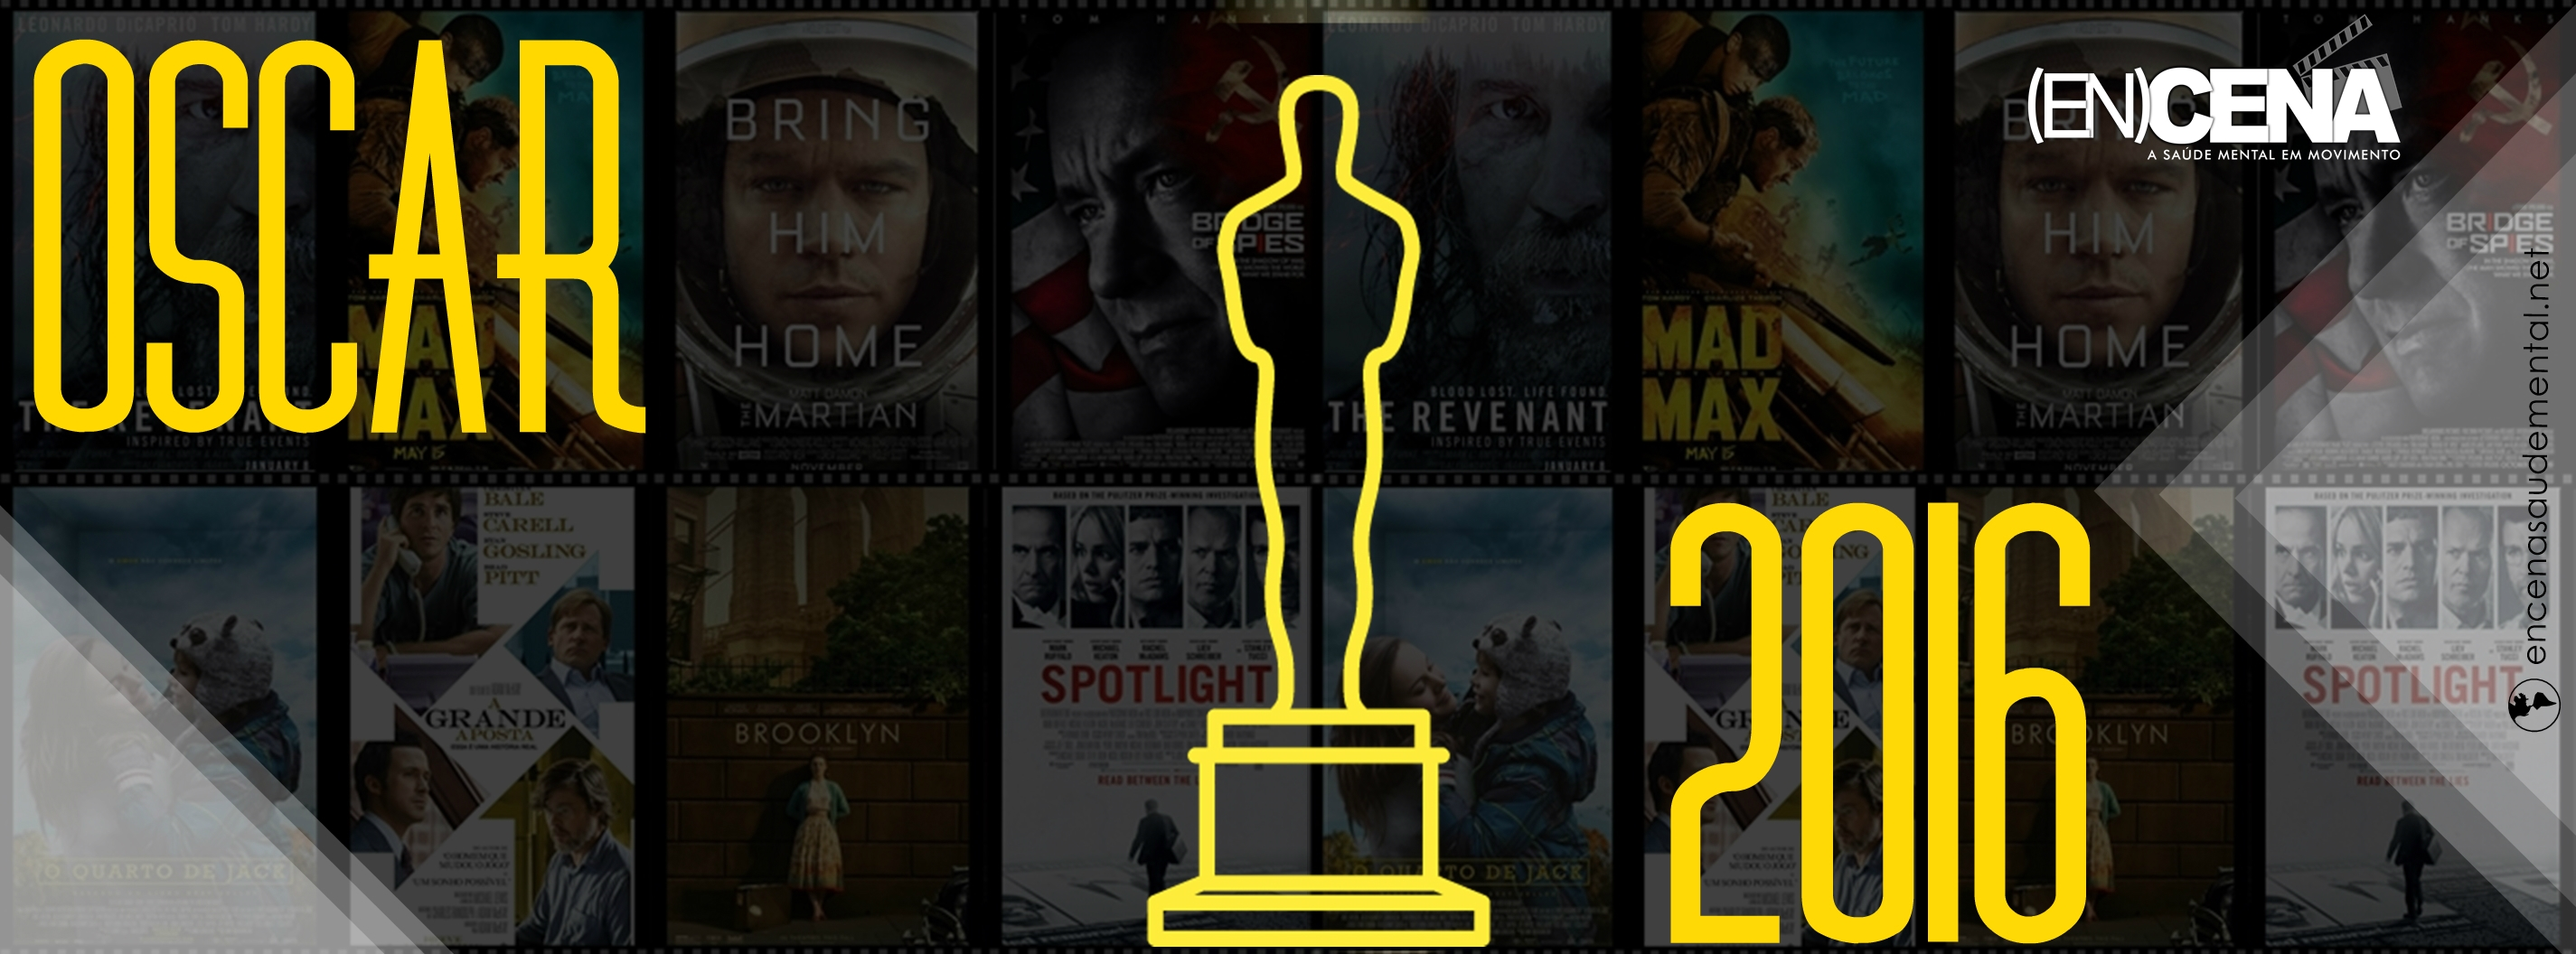 Banner Série Oscar 2016